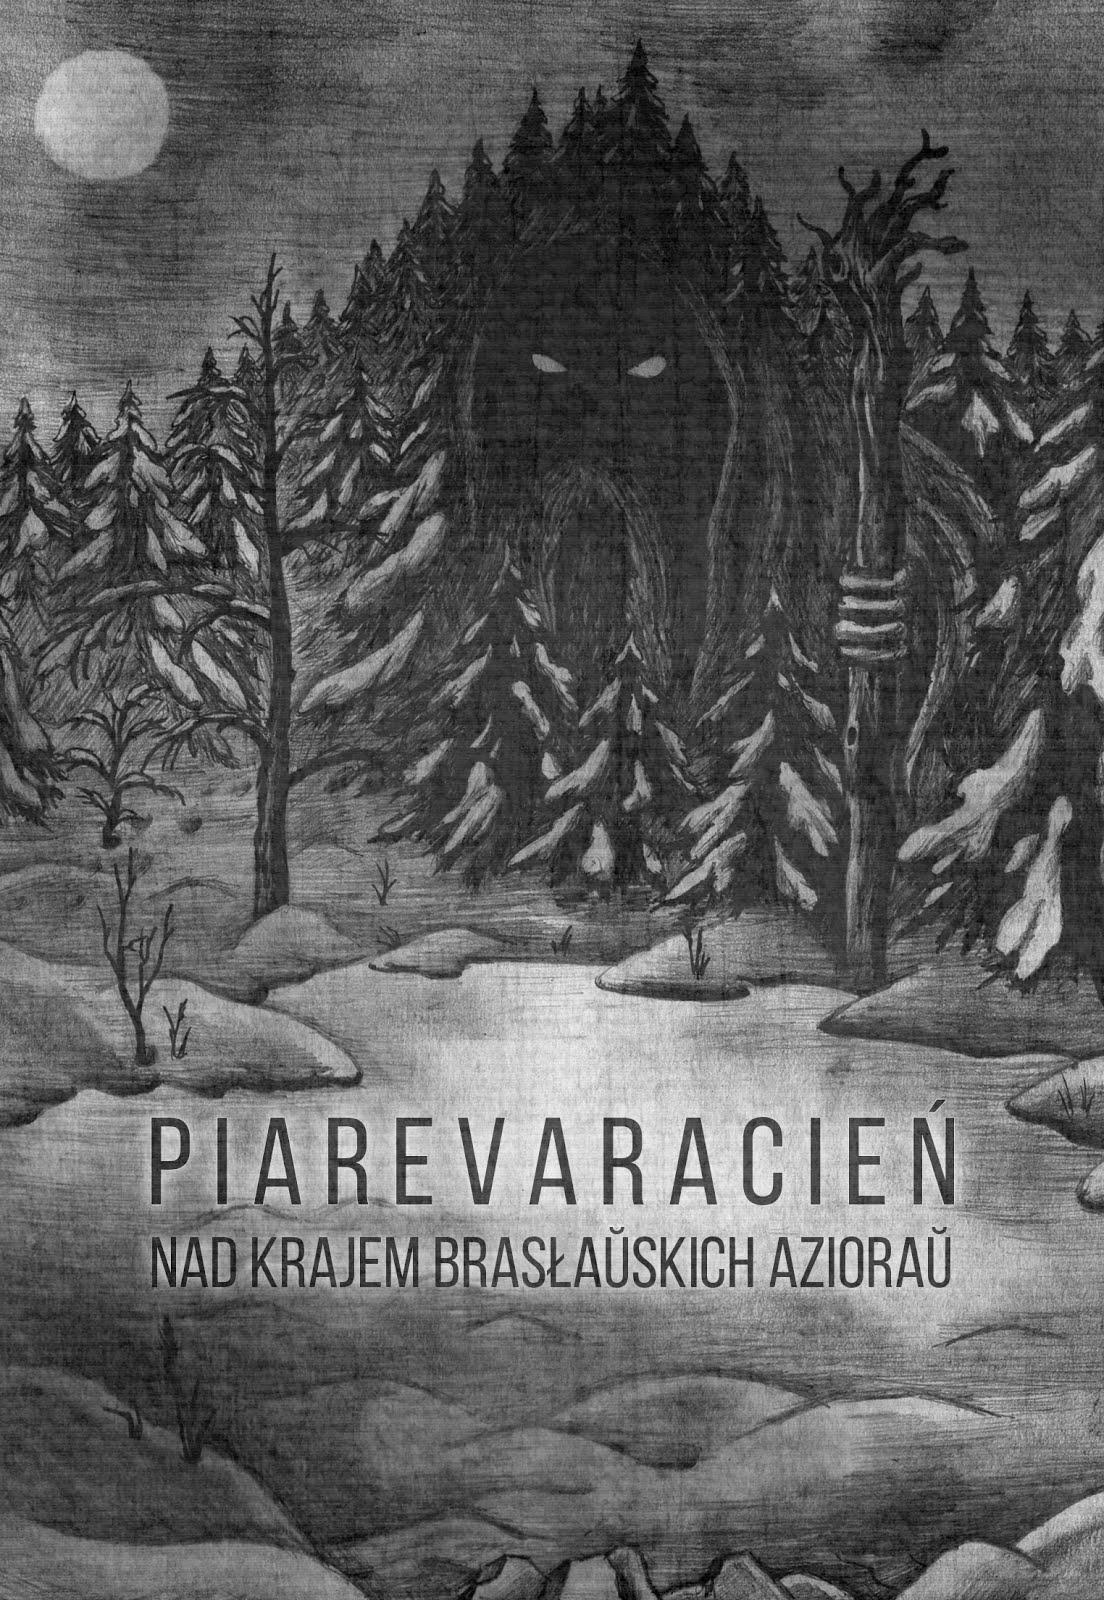 PIAREVARACIEN - Nad Krajem Braslauskich Aziorau